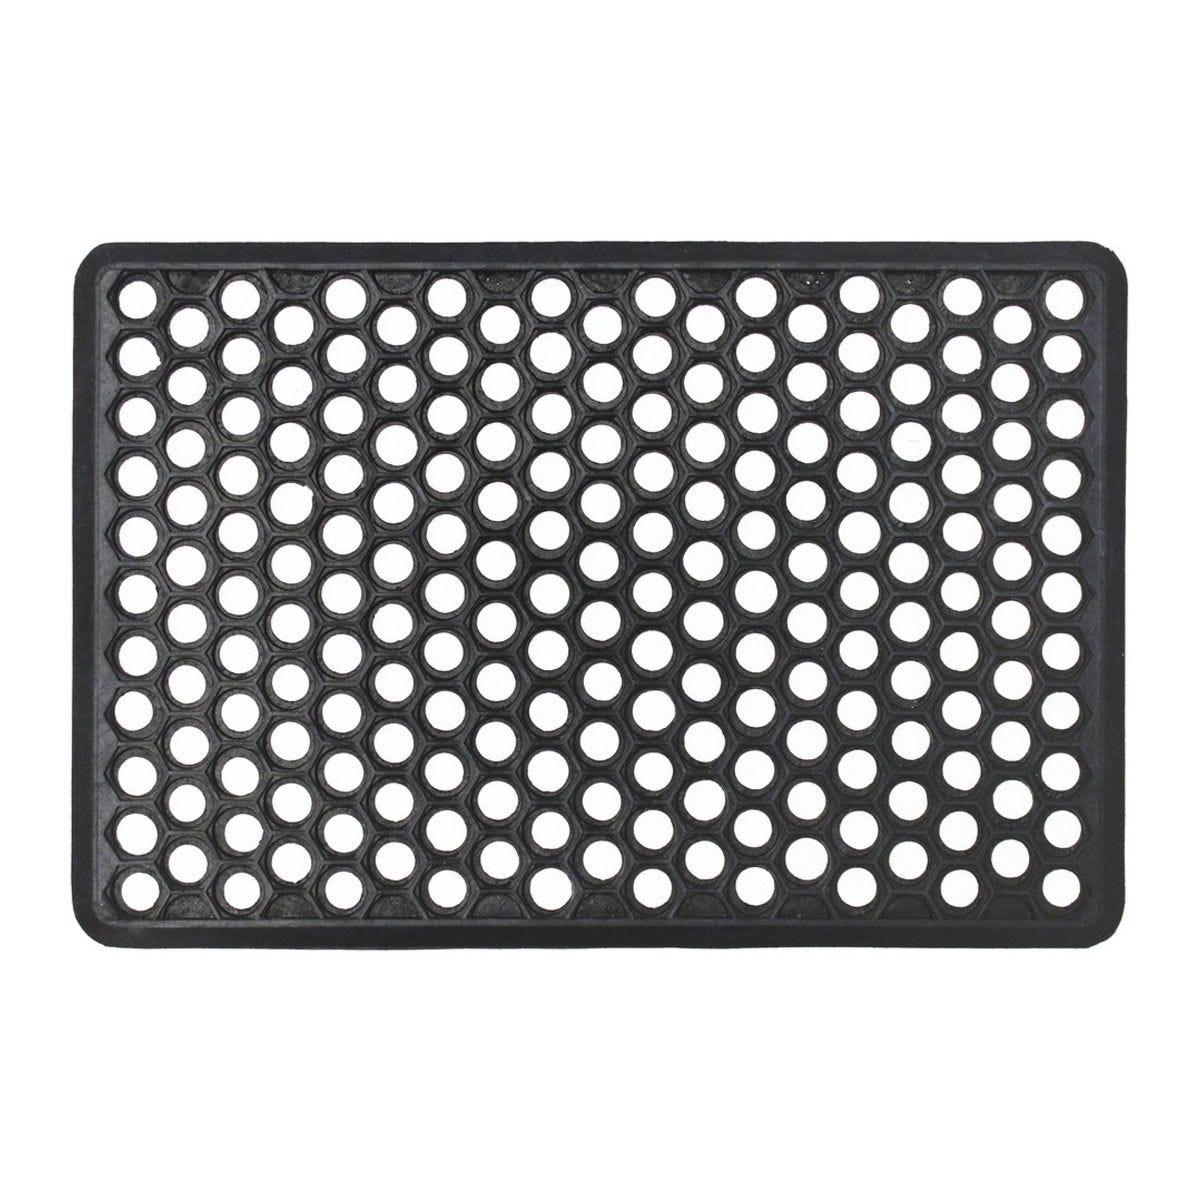 JVL Outdoor Honeycomb Rubber Ring Entrance Floor Door Mat - 40 x 60cm